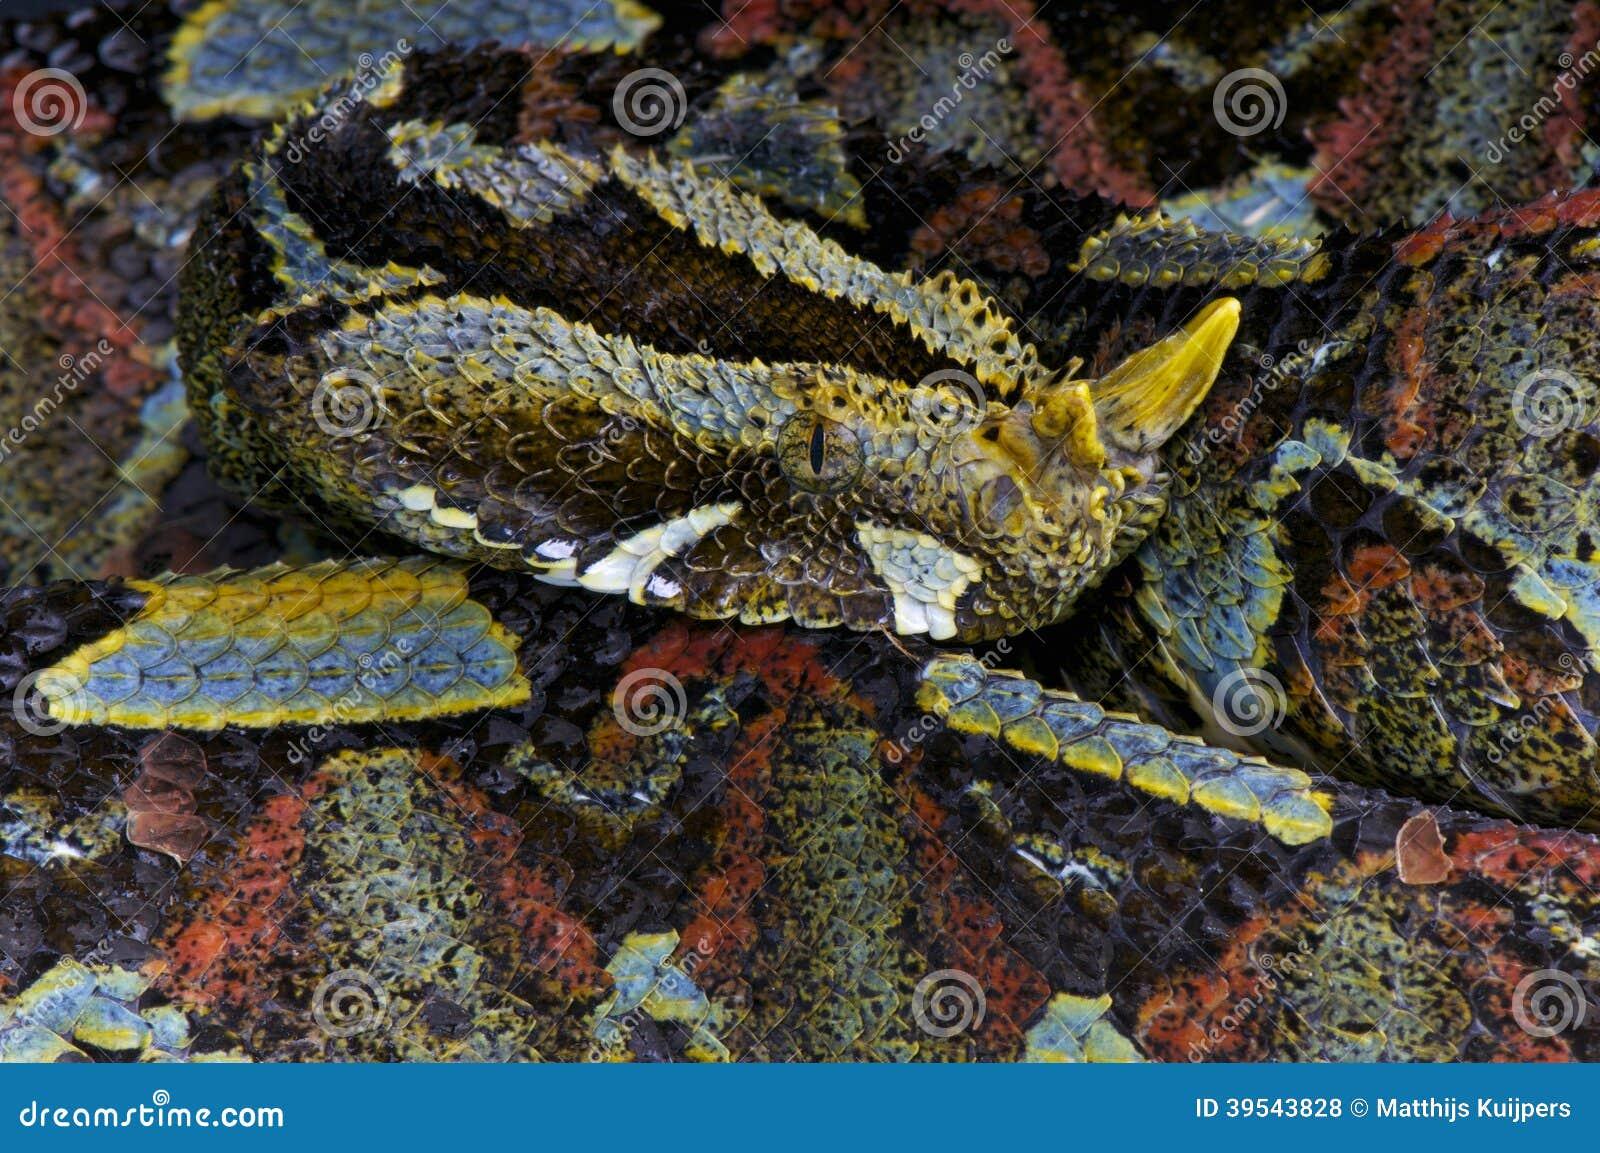 Enchufe del río/nasicornis del Bitis